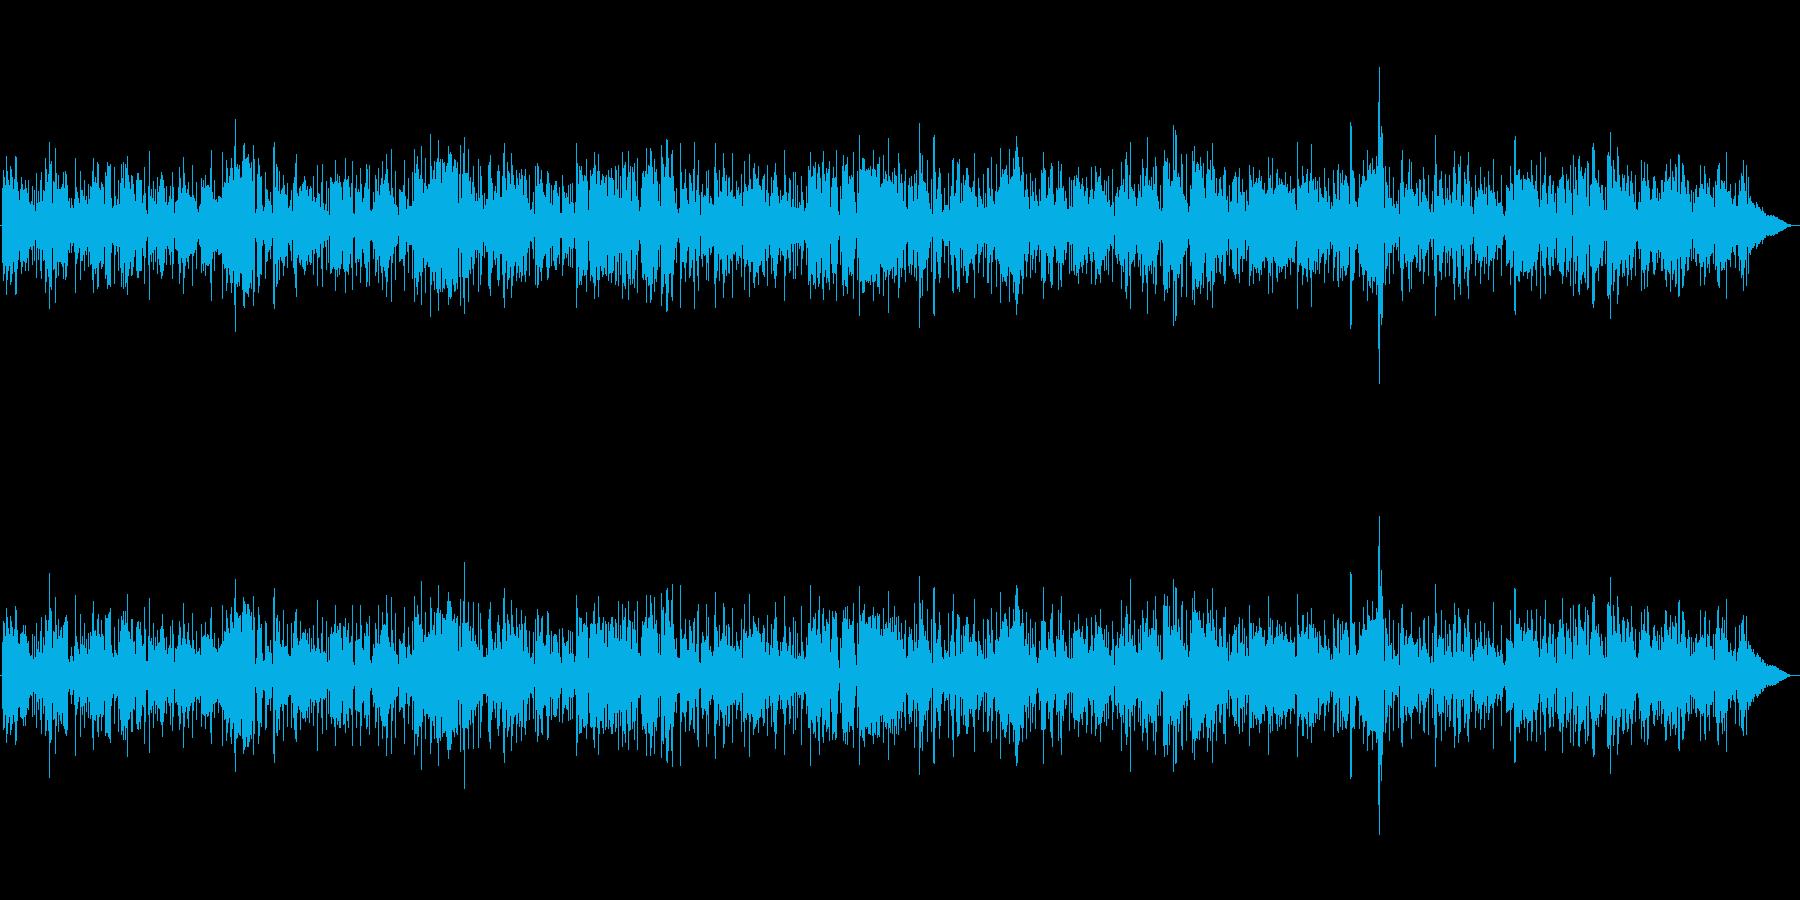 JAZZ|甘いムード漂う大人の夜ジャズの再生済みの波形